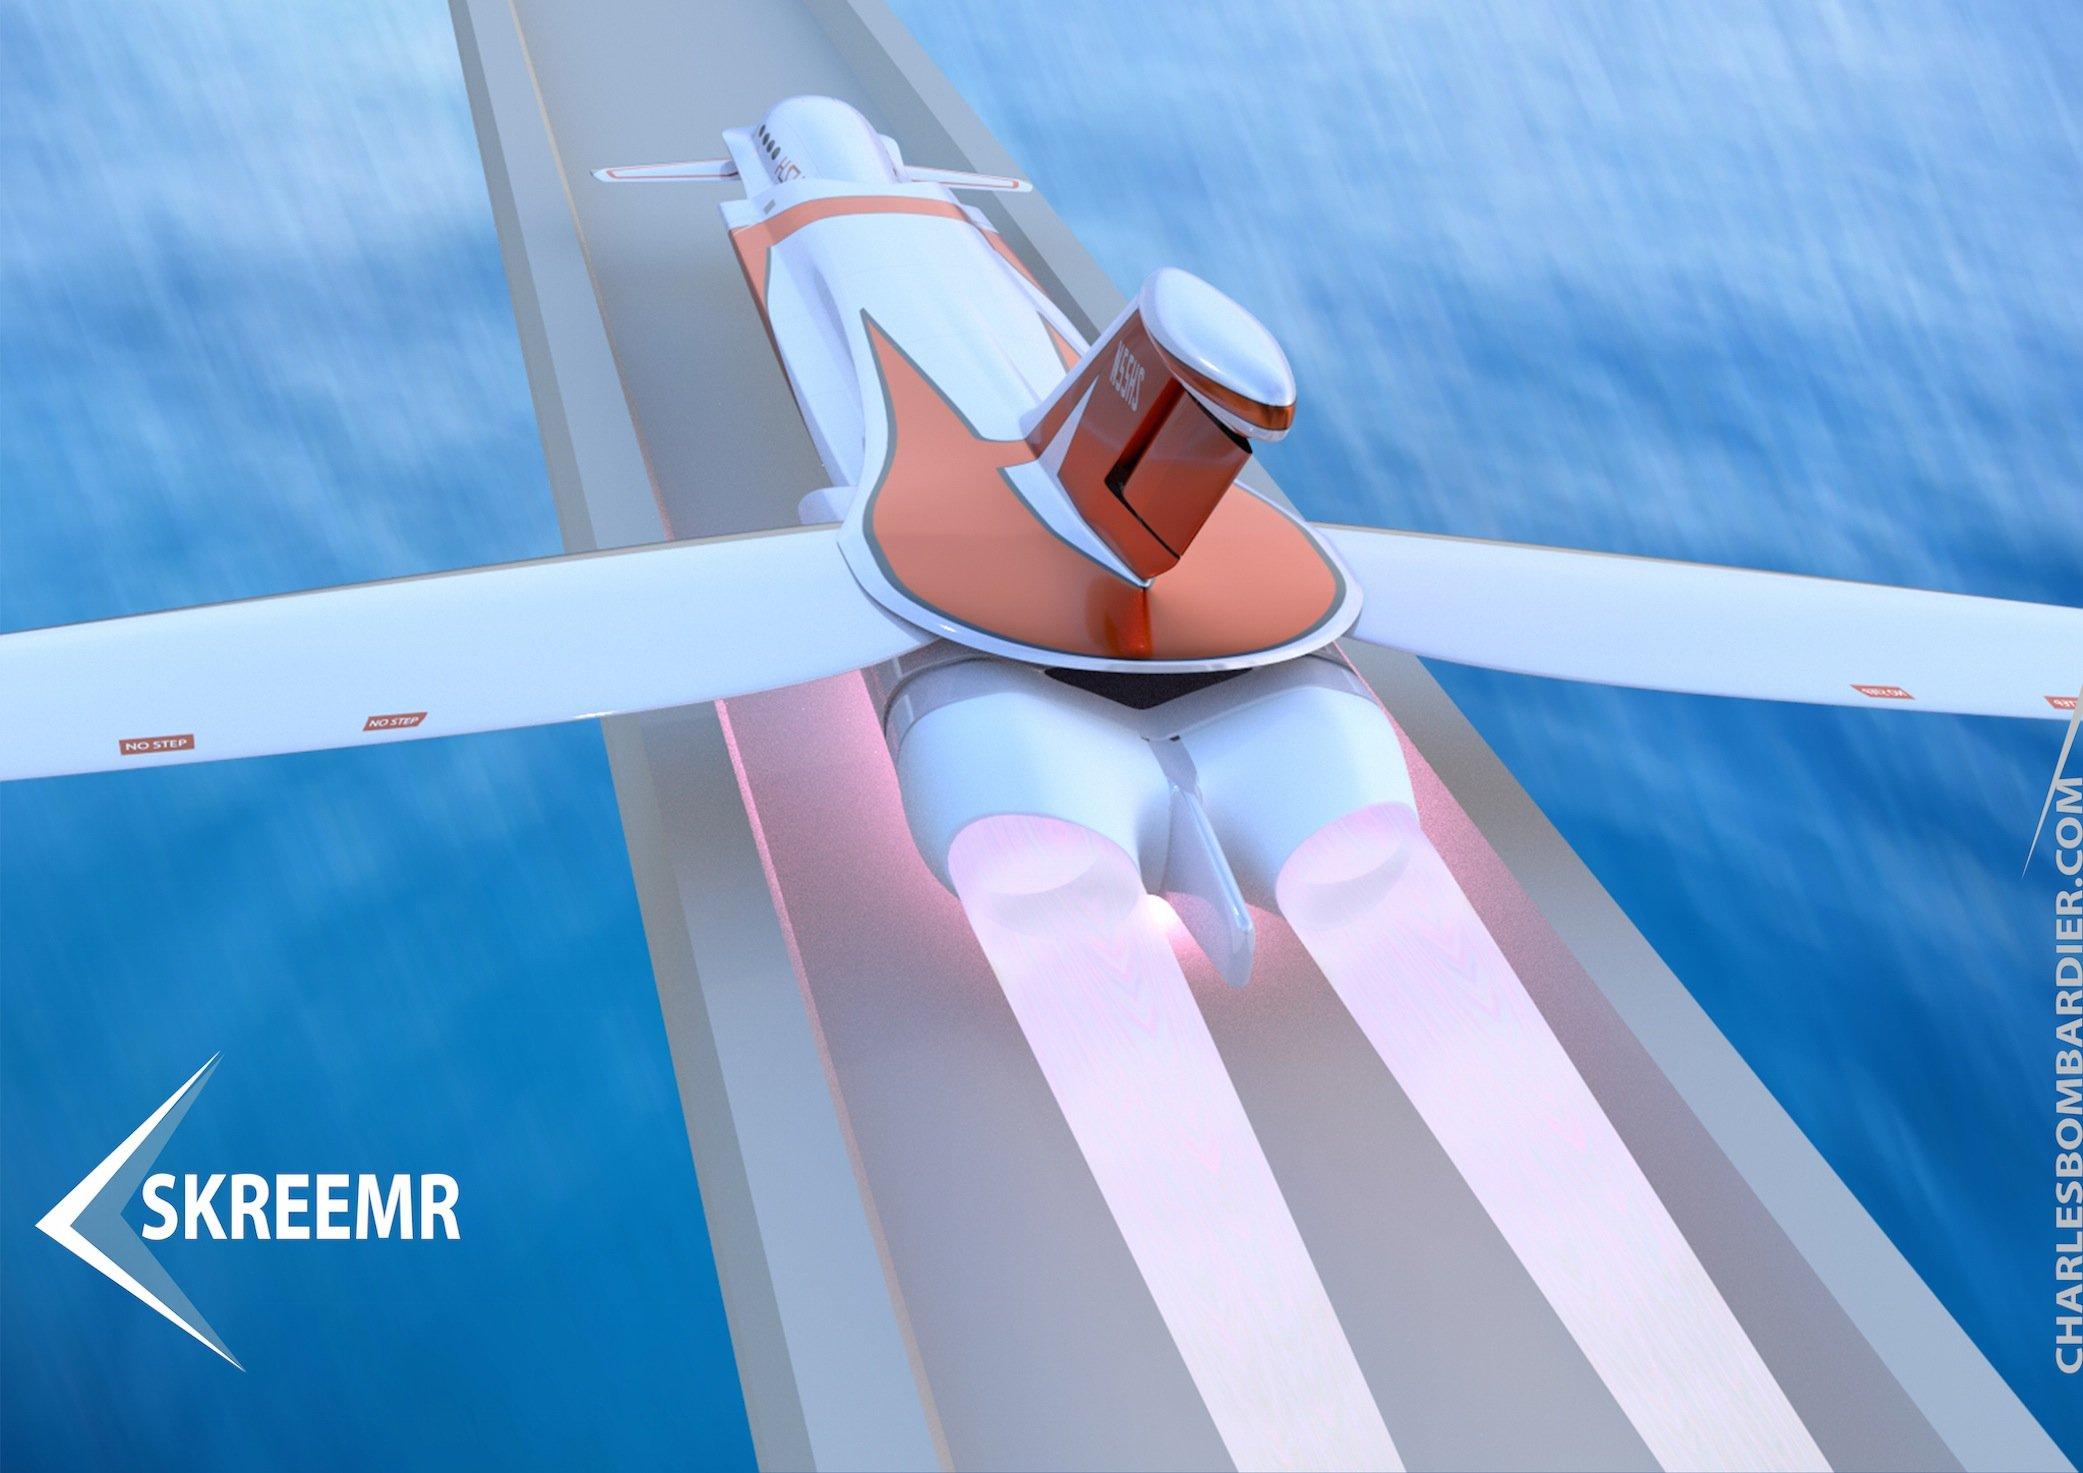 Die zweiScramjet-Triebwerke sollen das Flugzeug mit 75 Passagieren auf zehnfache Schallgeschwindigkeit beschleunigen.